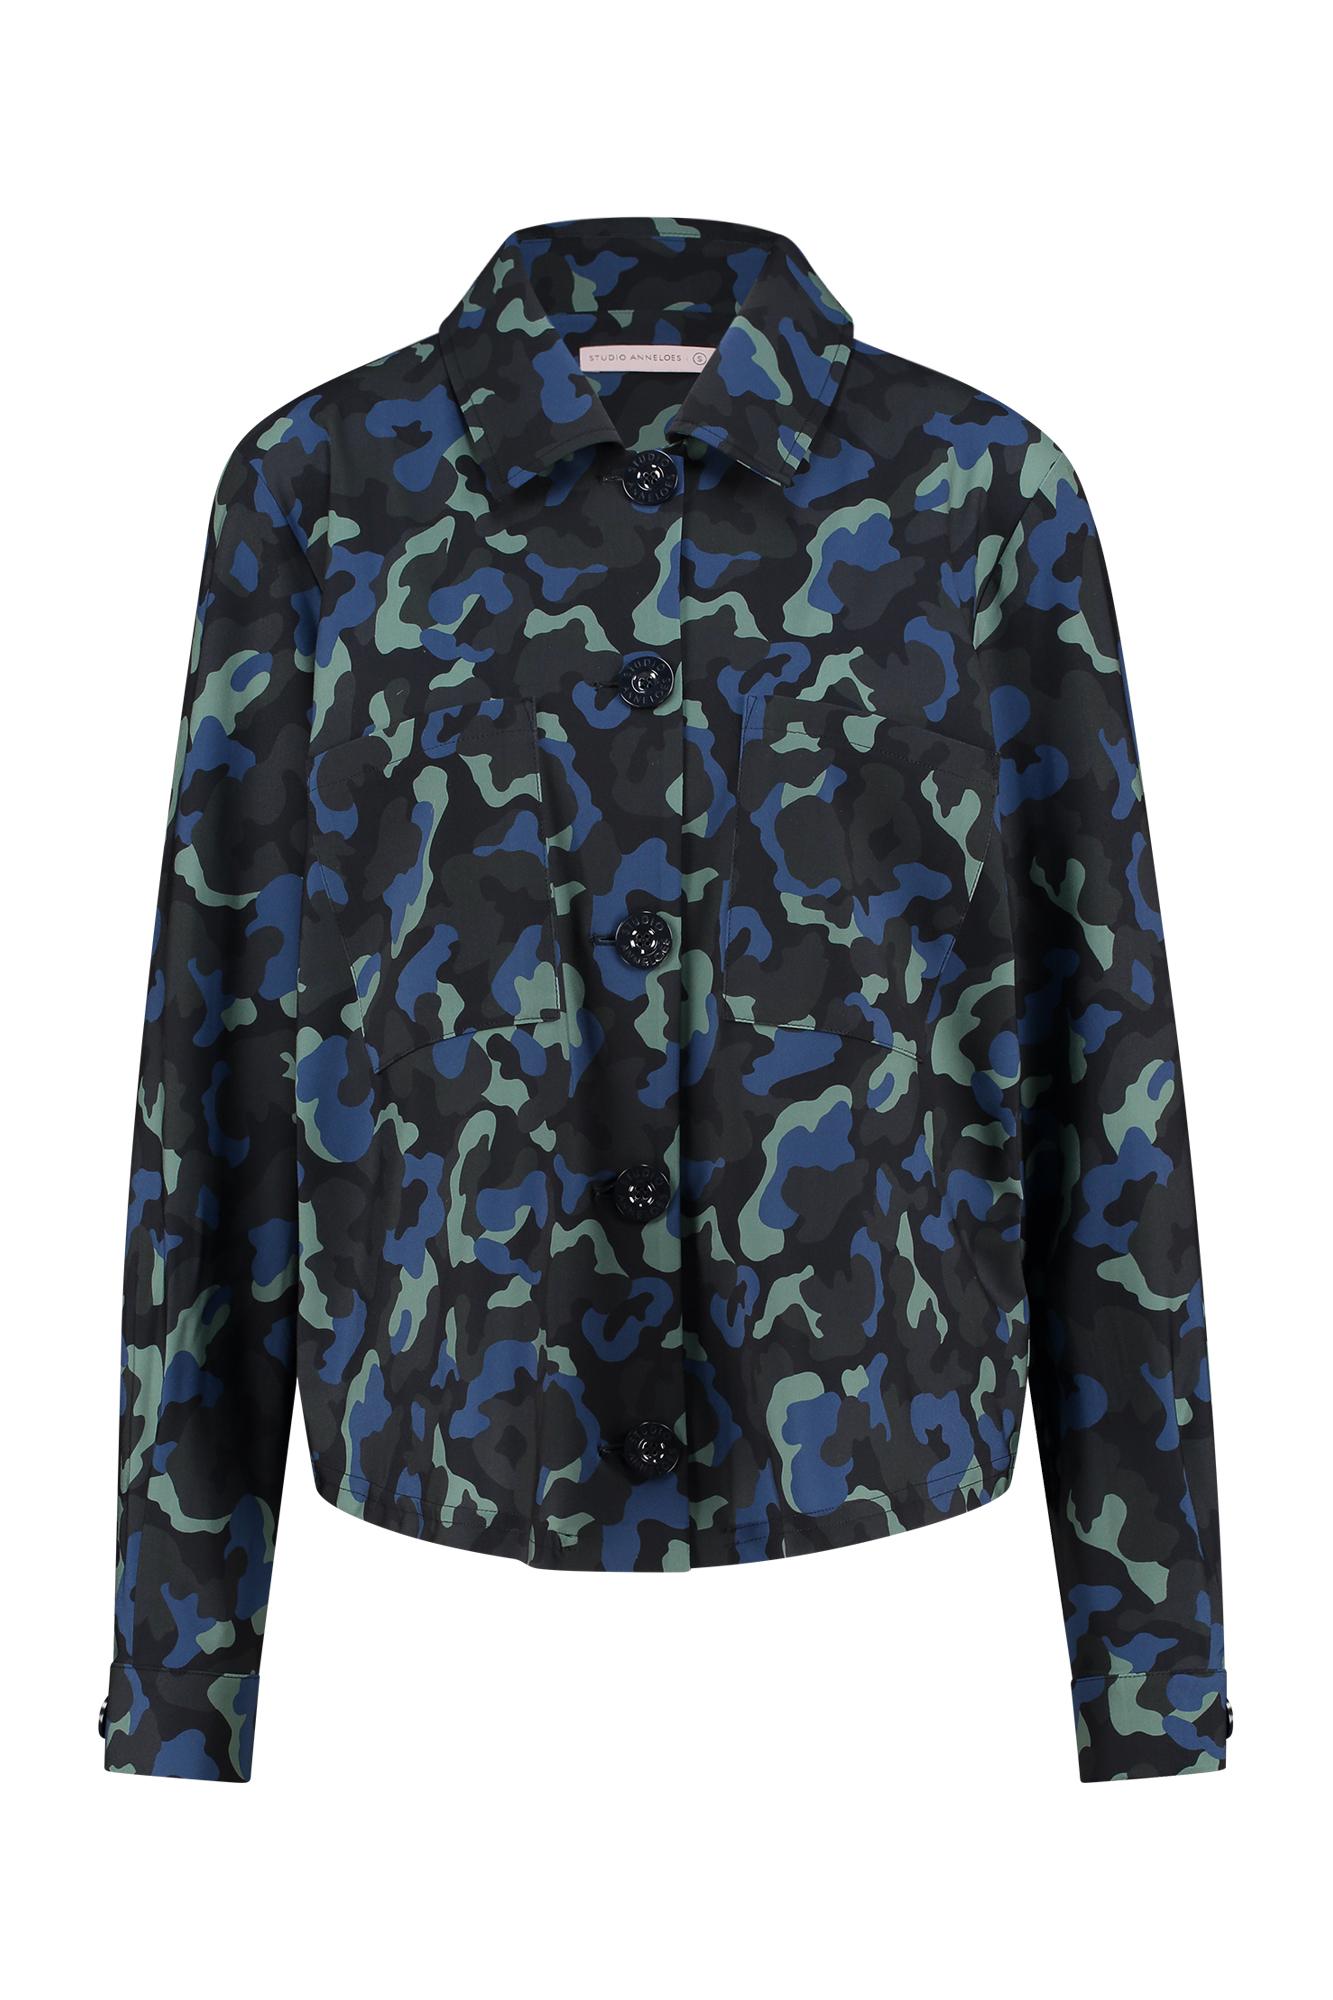 Robin camo blouse